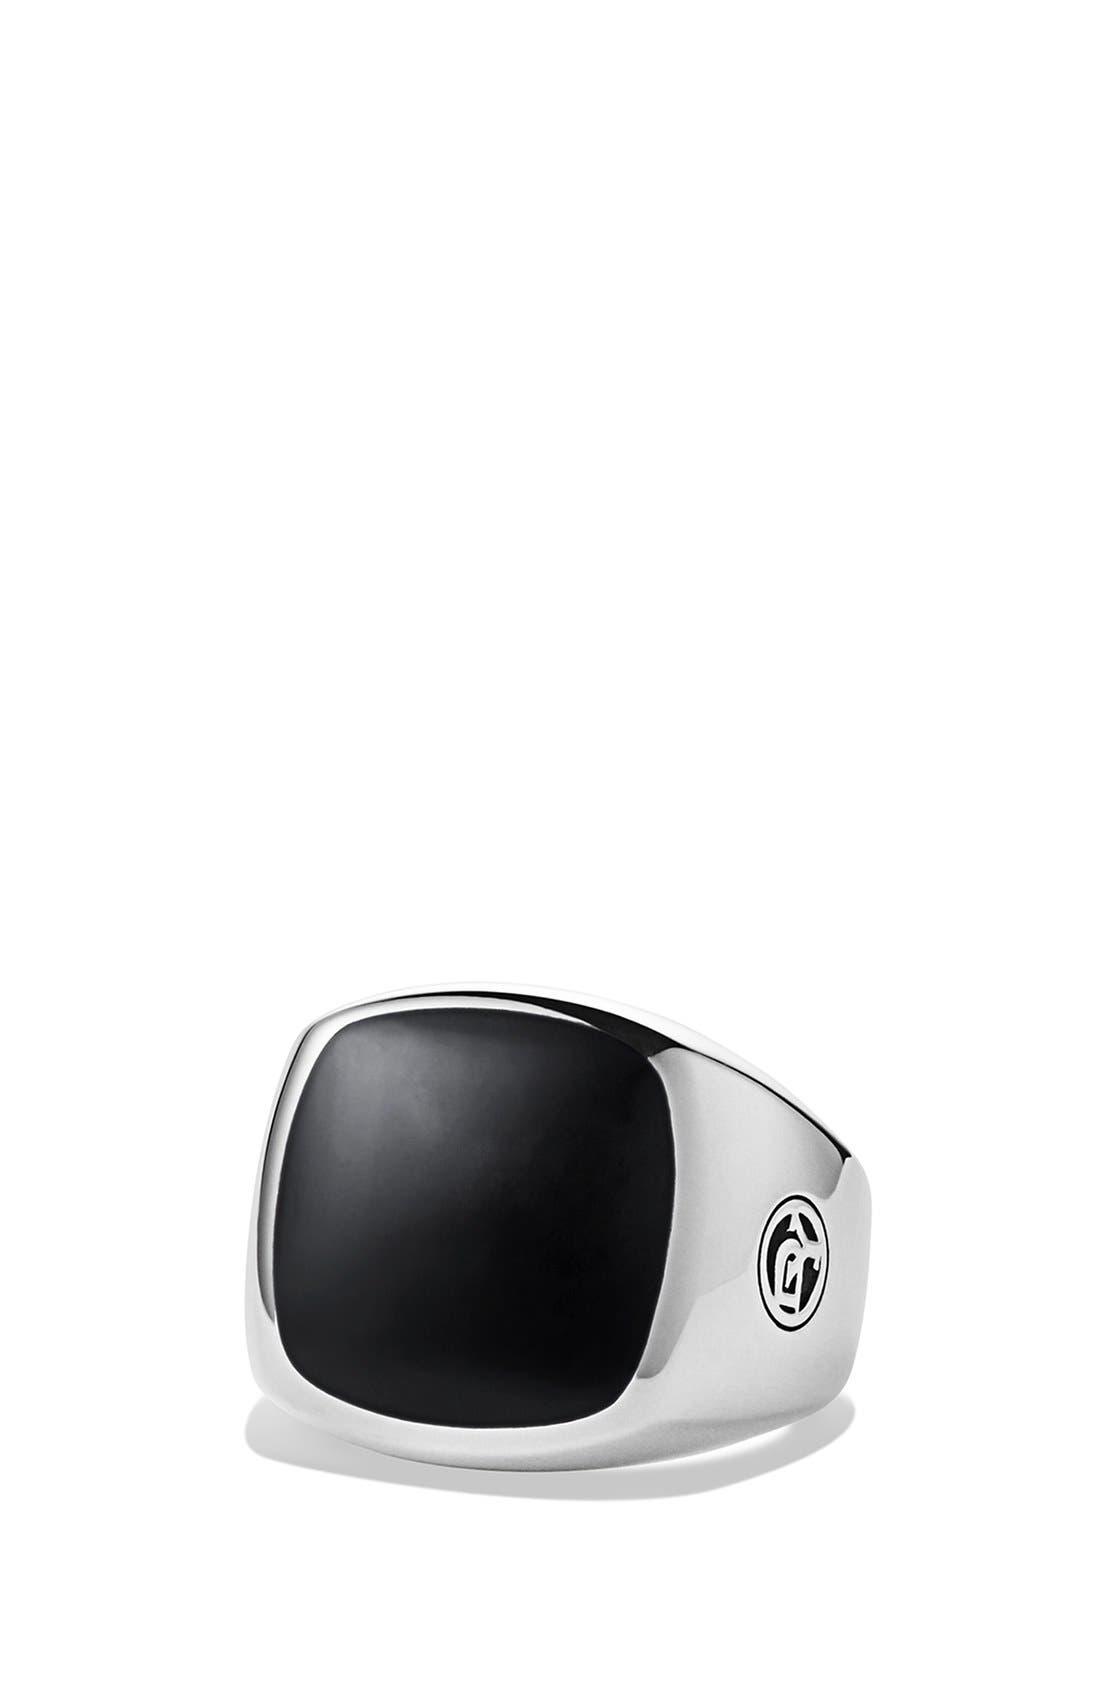 Main Image - David Yurman 'Chevron' Signet Ring